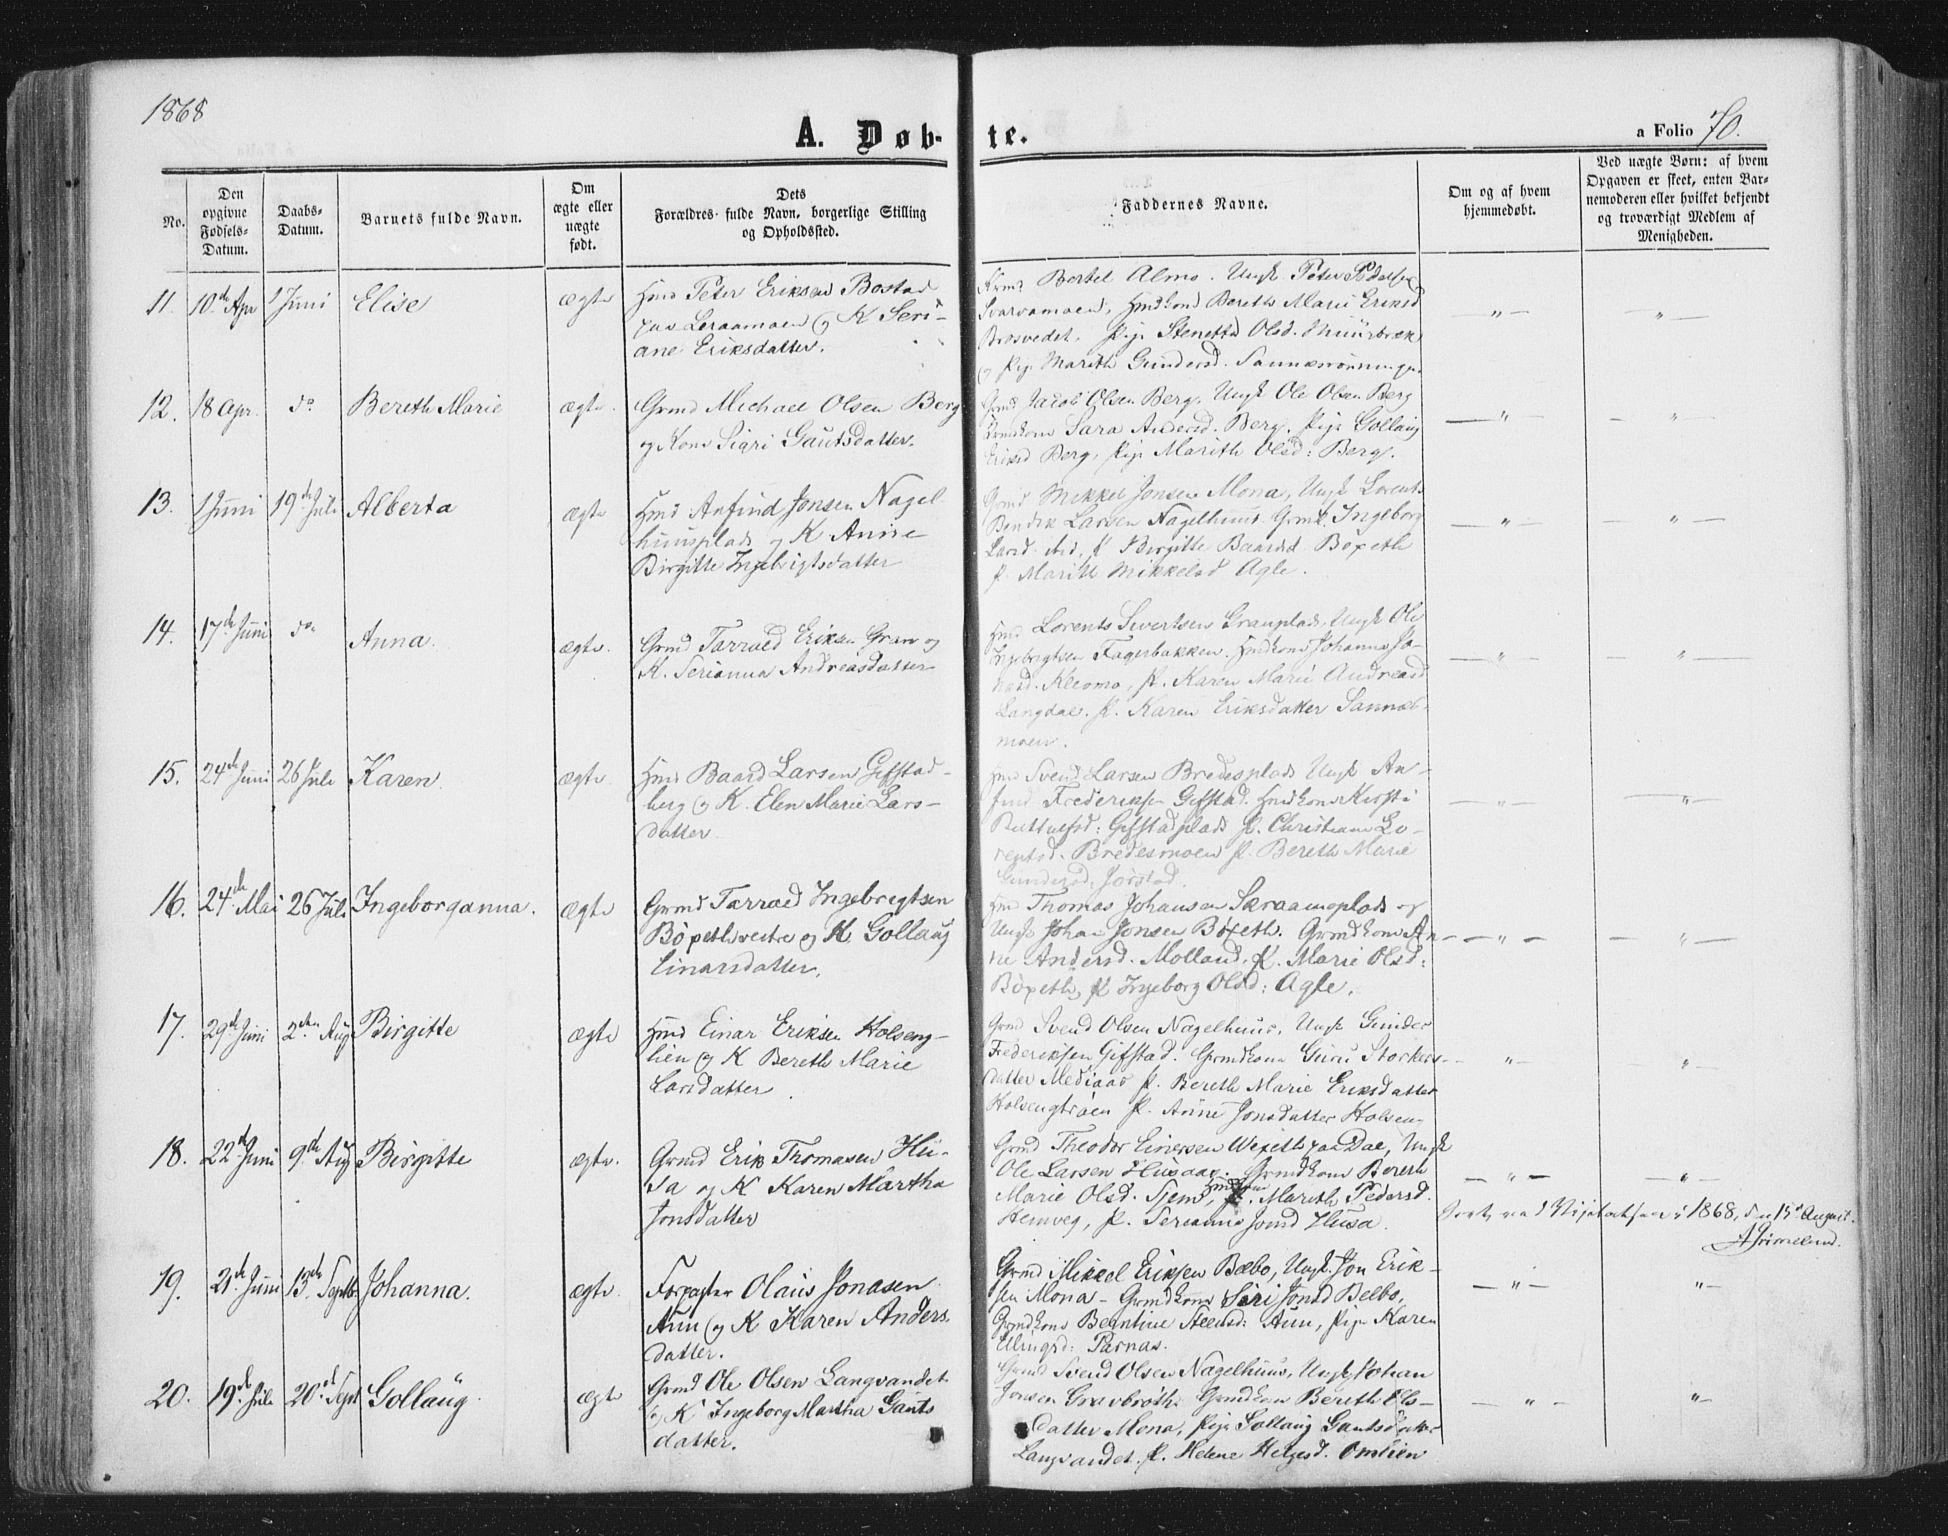 SAT, Ministerialprotokoller, klokkerbøker og fødselsregistre - Nord-Trøndelag, 749/L0472: Ministerialbok nr. 749A06, 1857-1873, s. 70